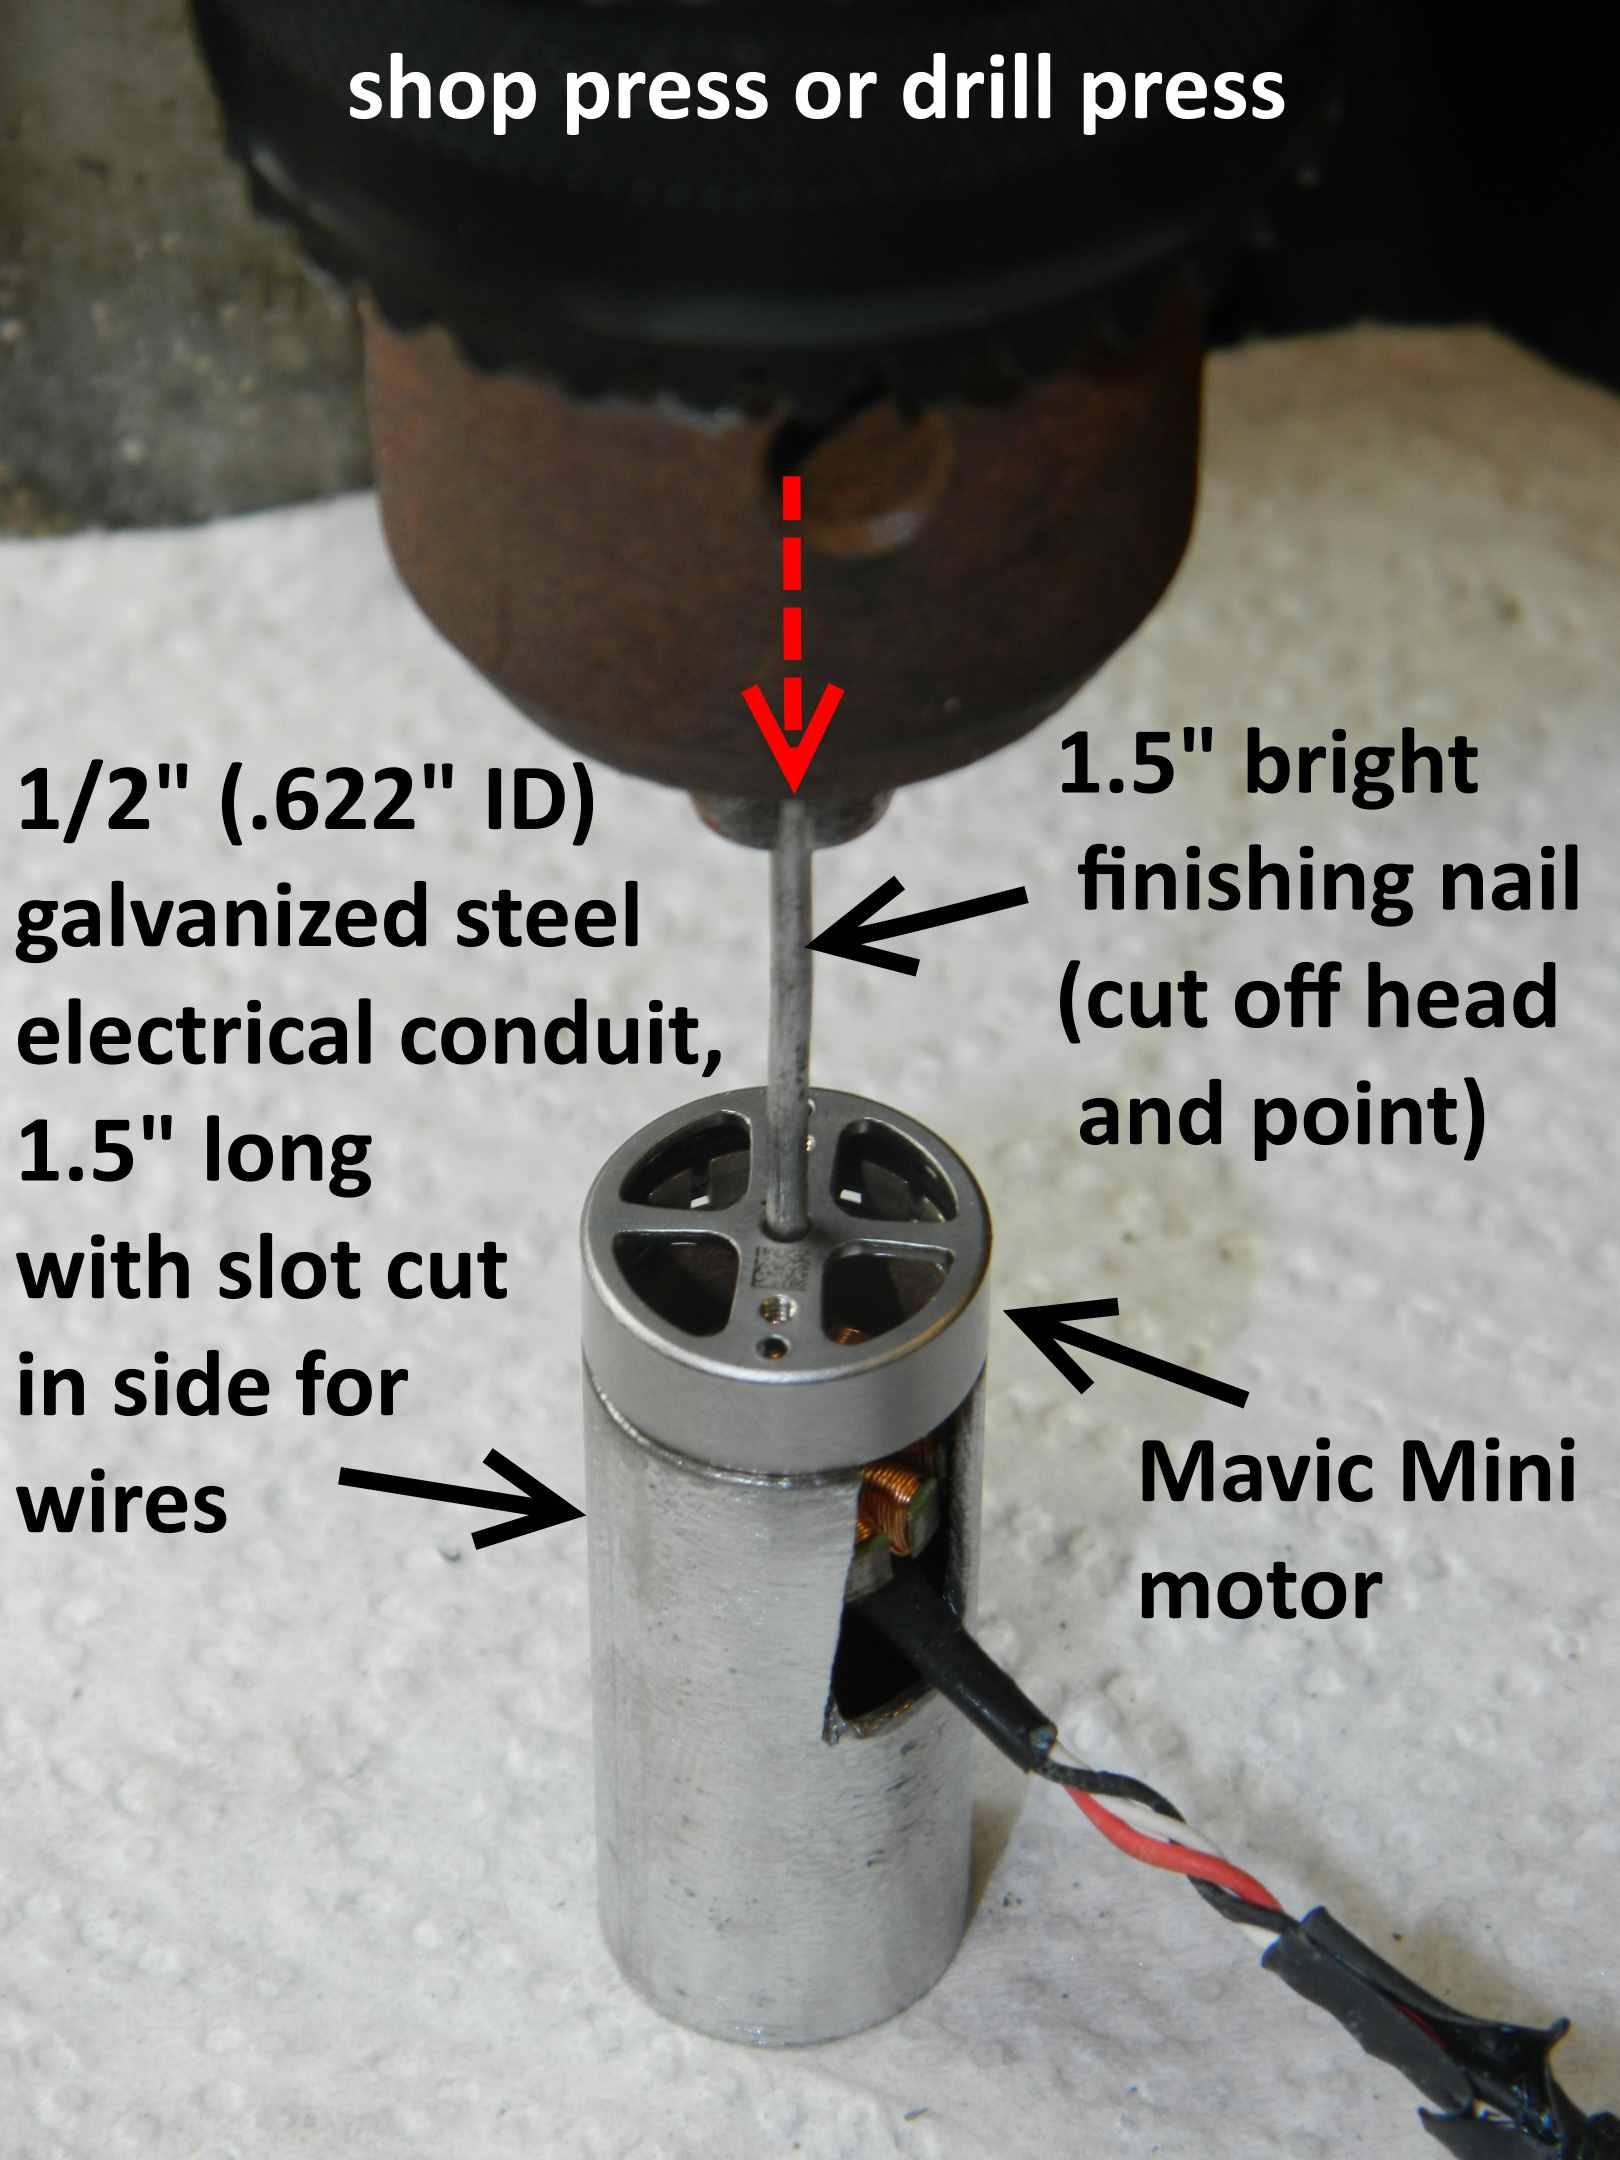 Mavic Mini motor tool.jpg